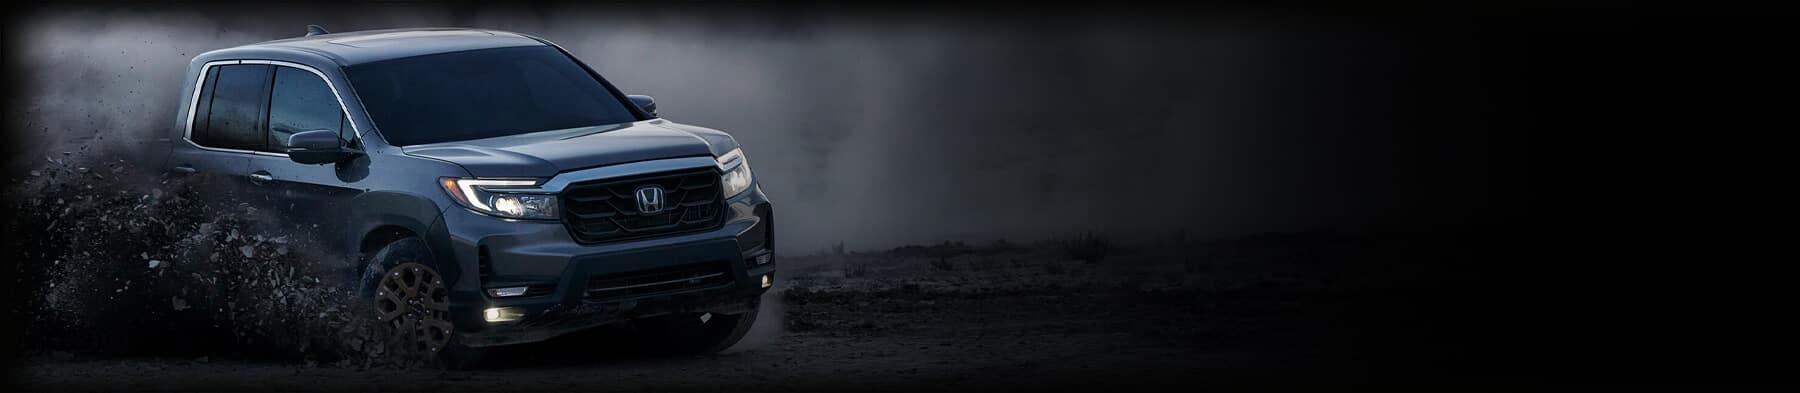 Honda Ridgeline Awards Hero Image